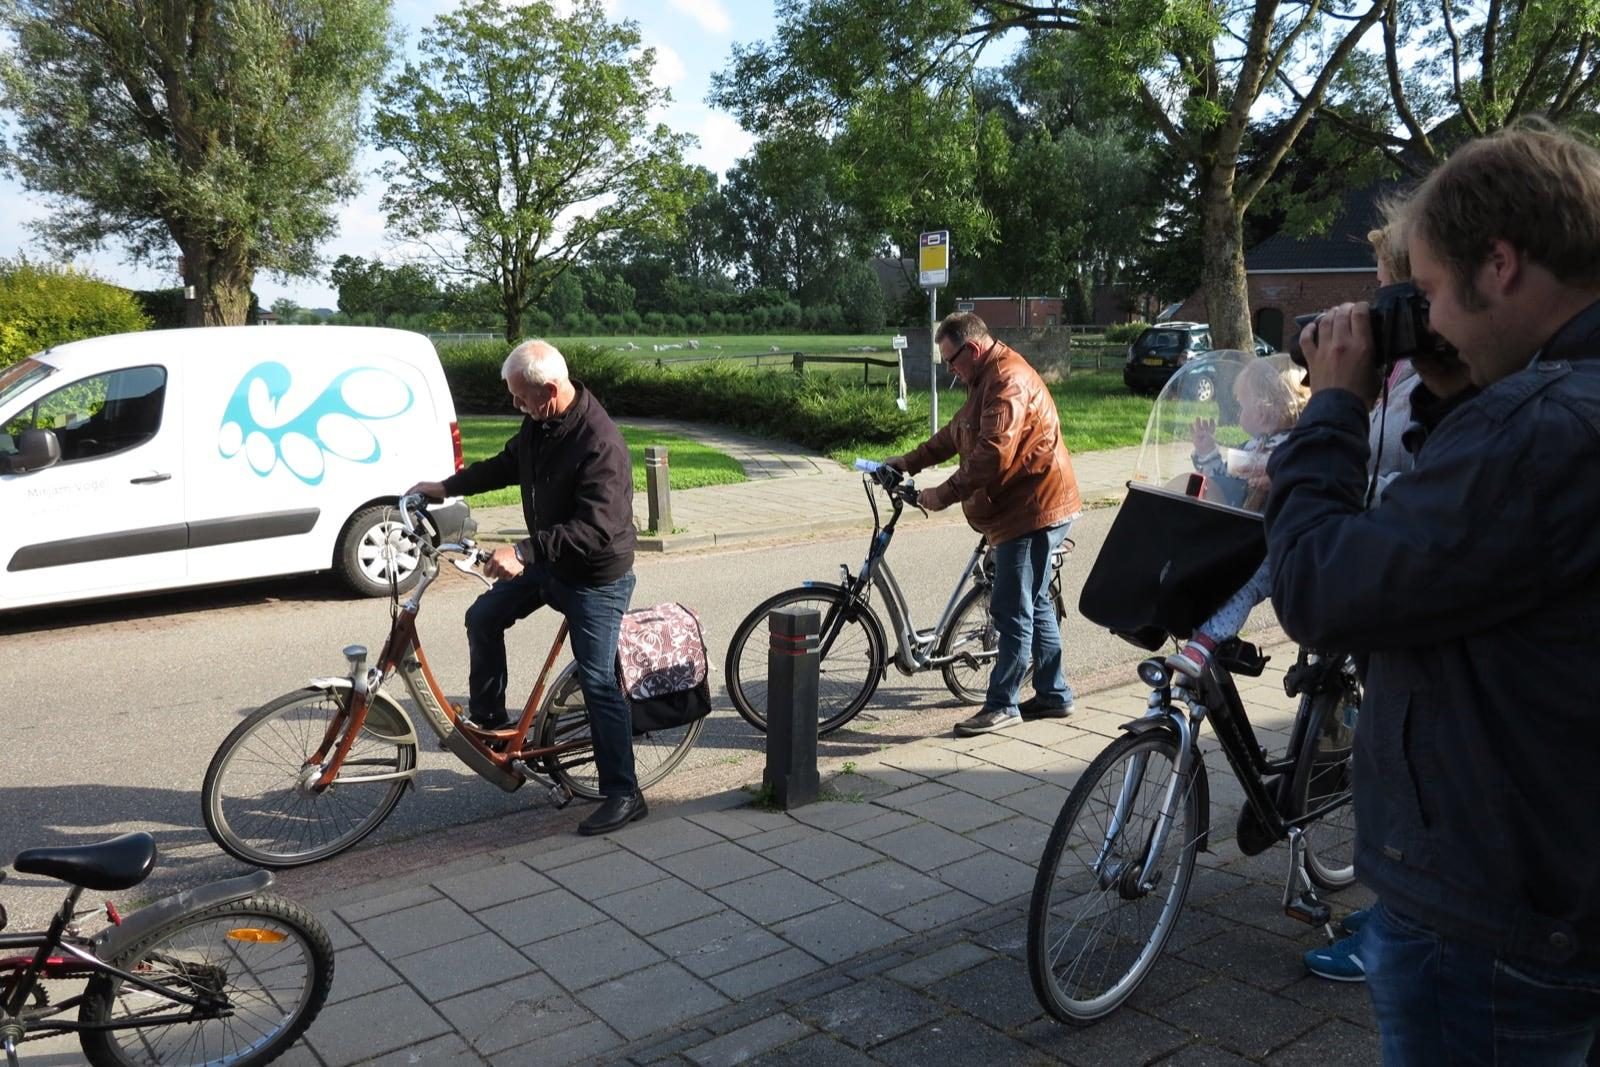 et-fiets-en-fietser-51-thesinger-fietstocht---jo-schuppert-en-reinder-van-der-veen-oi.jpg